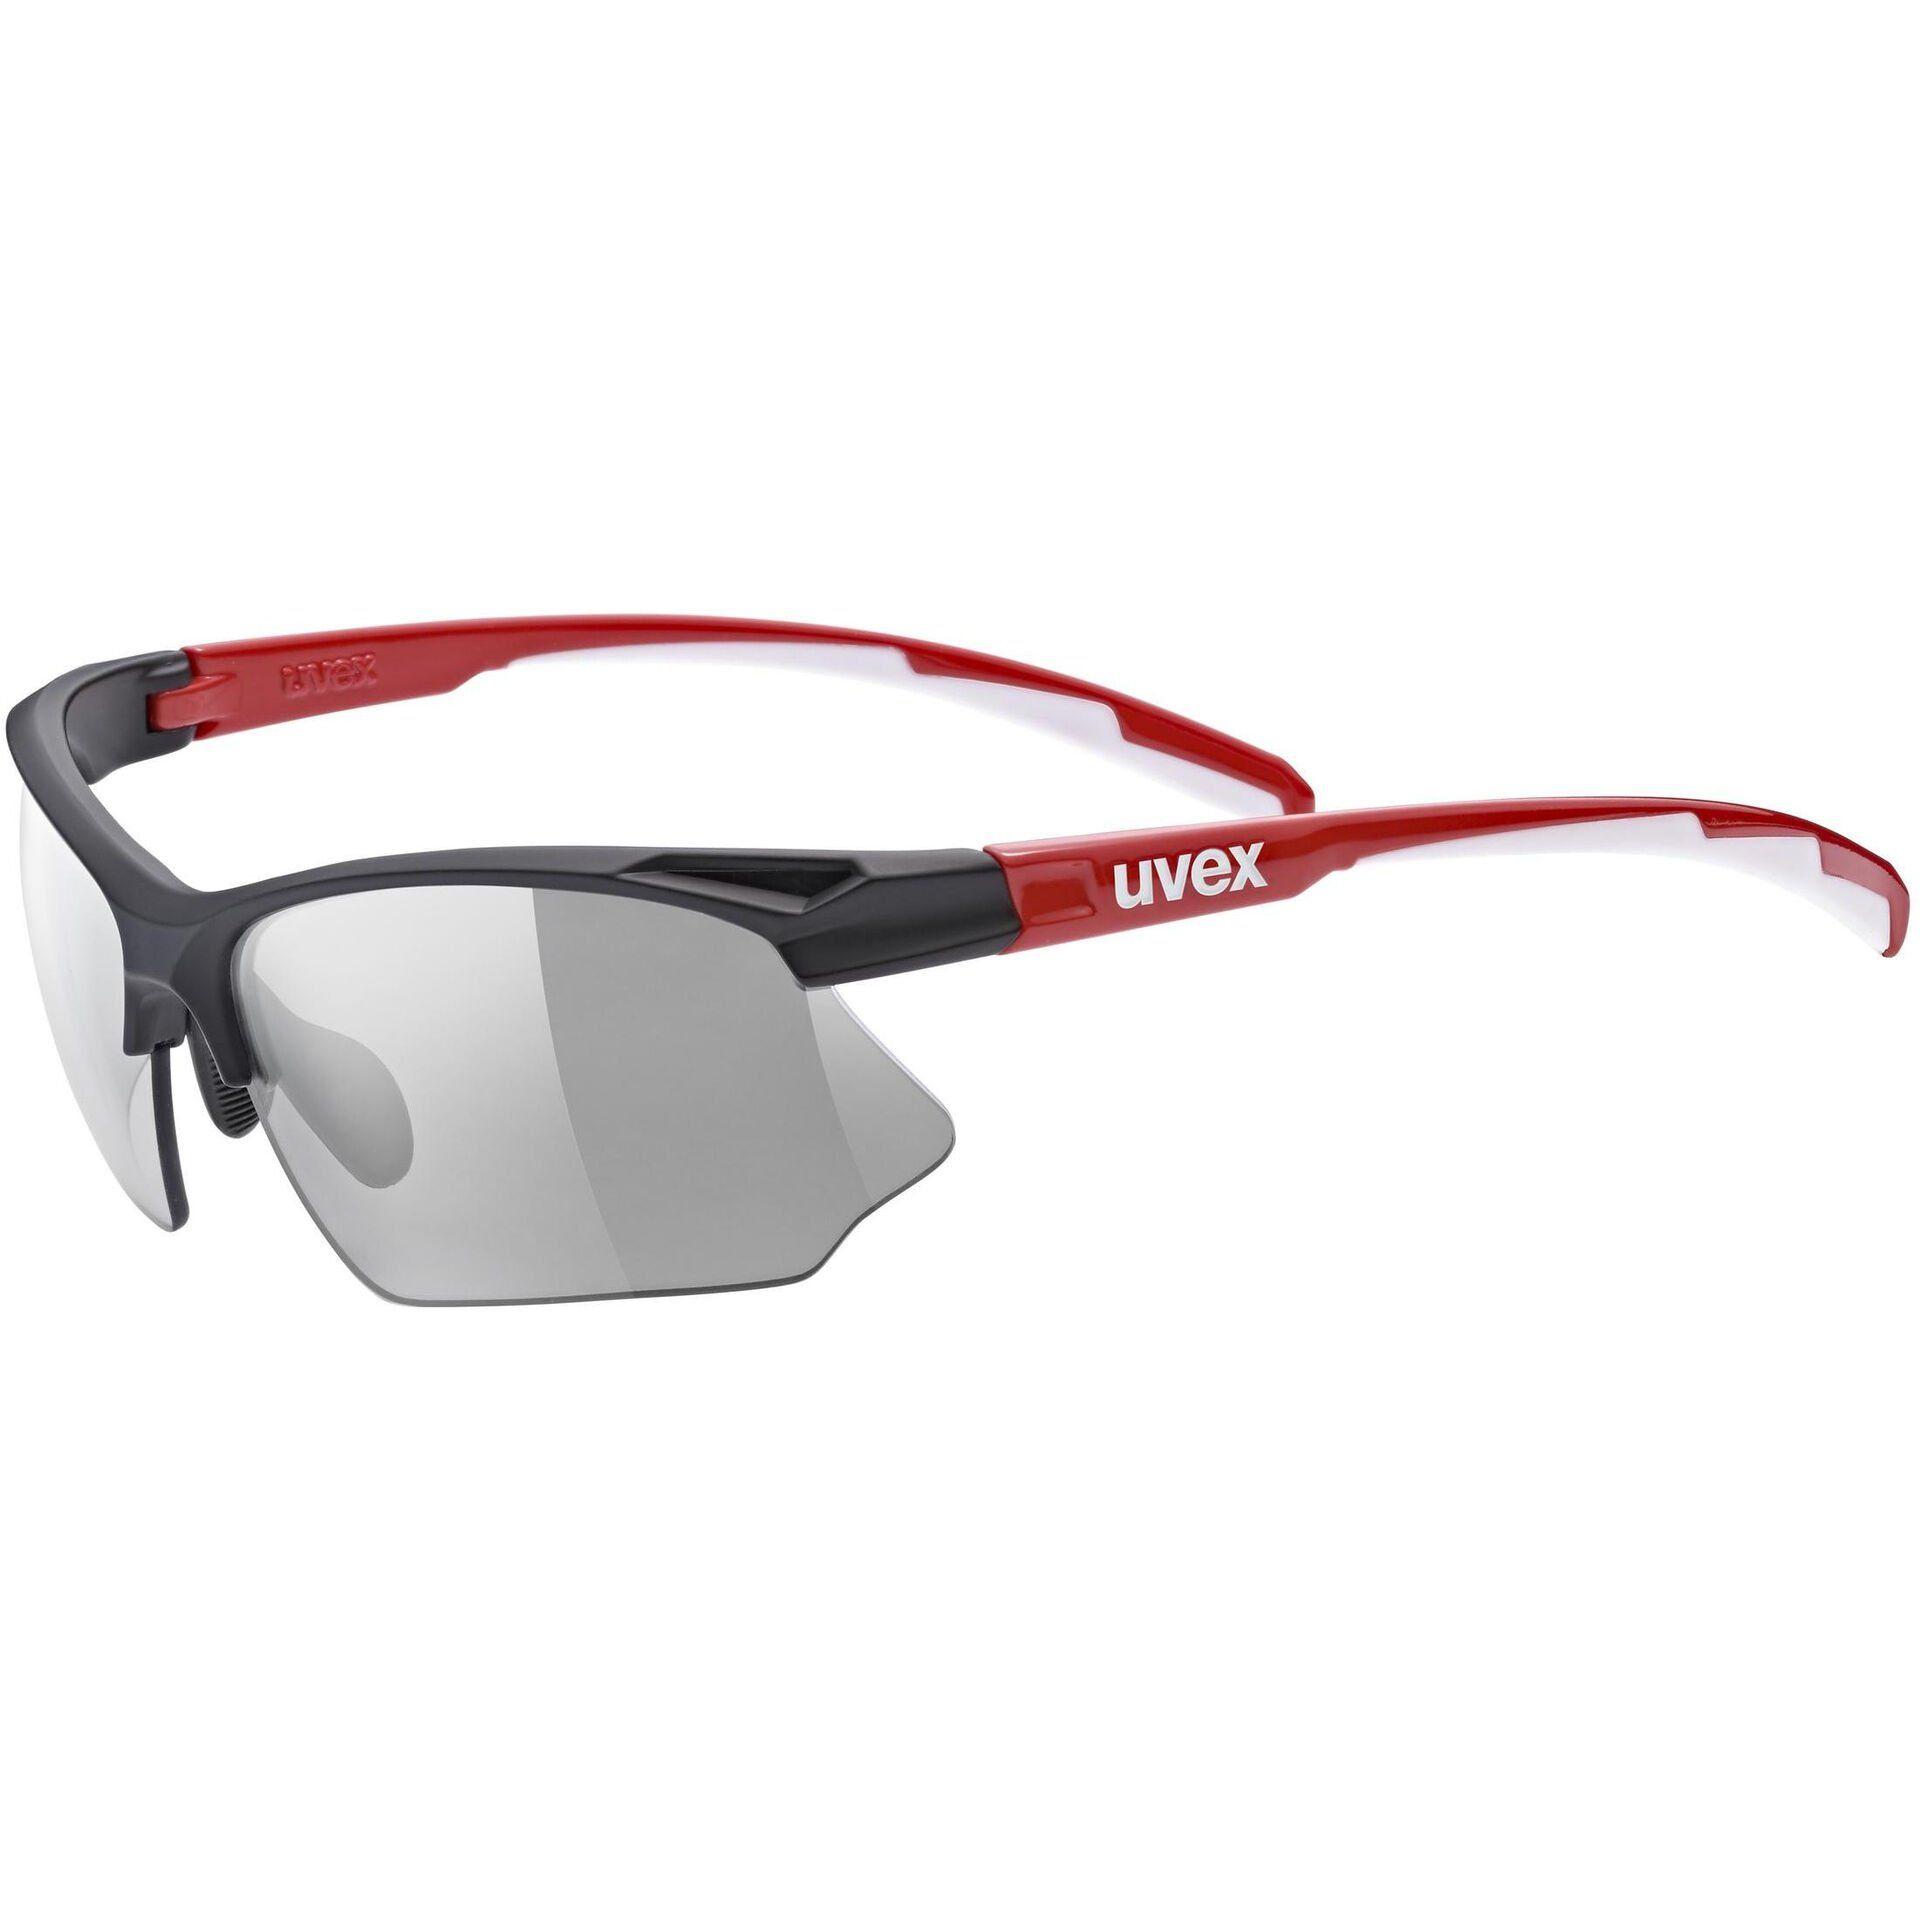 OKULARY UVEX SPORTSTYLE 802 V BLACK RED